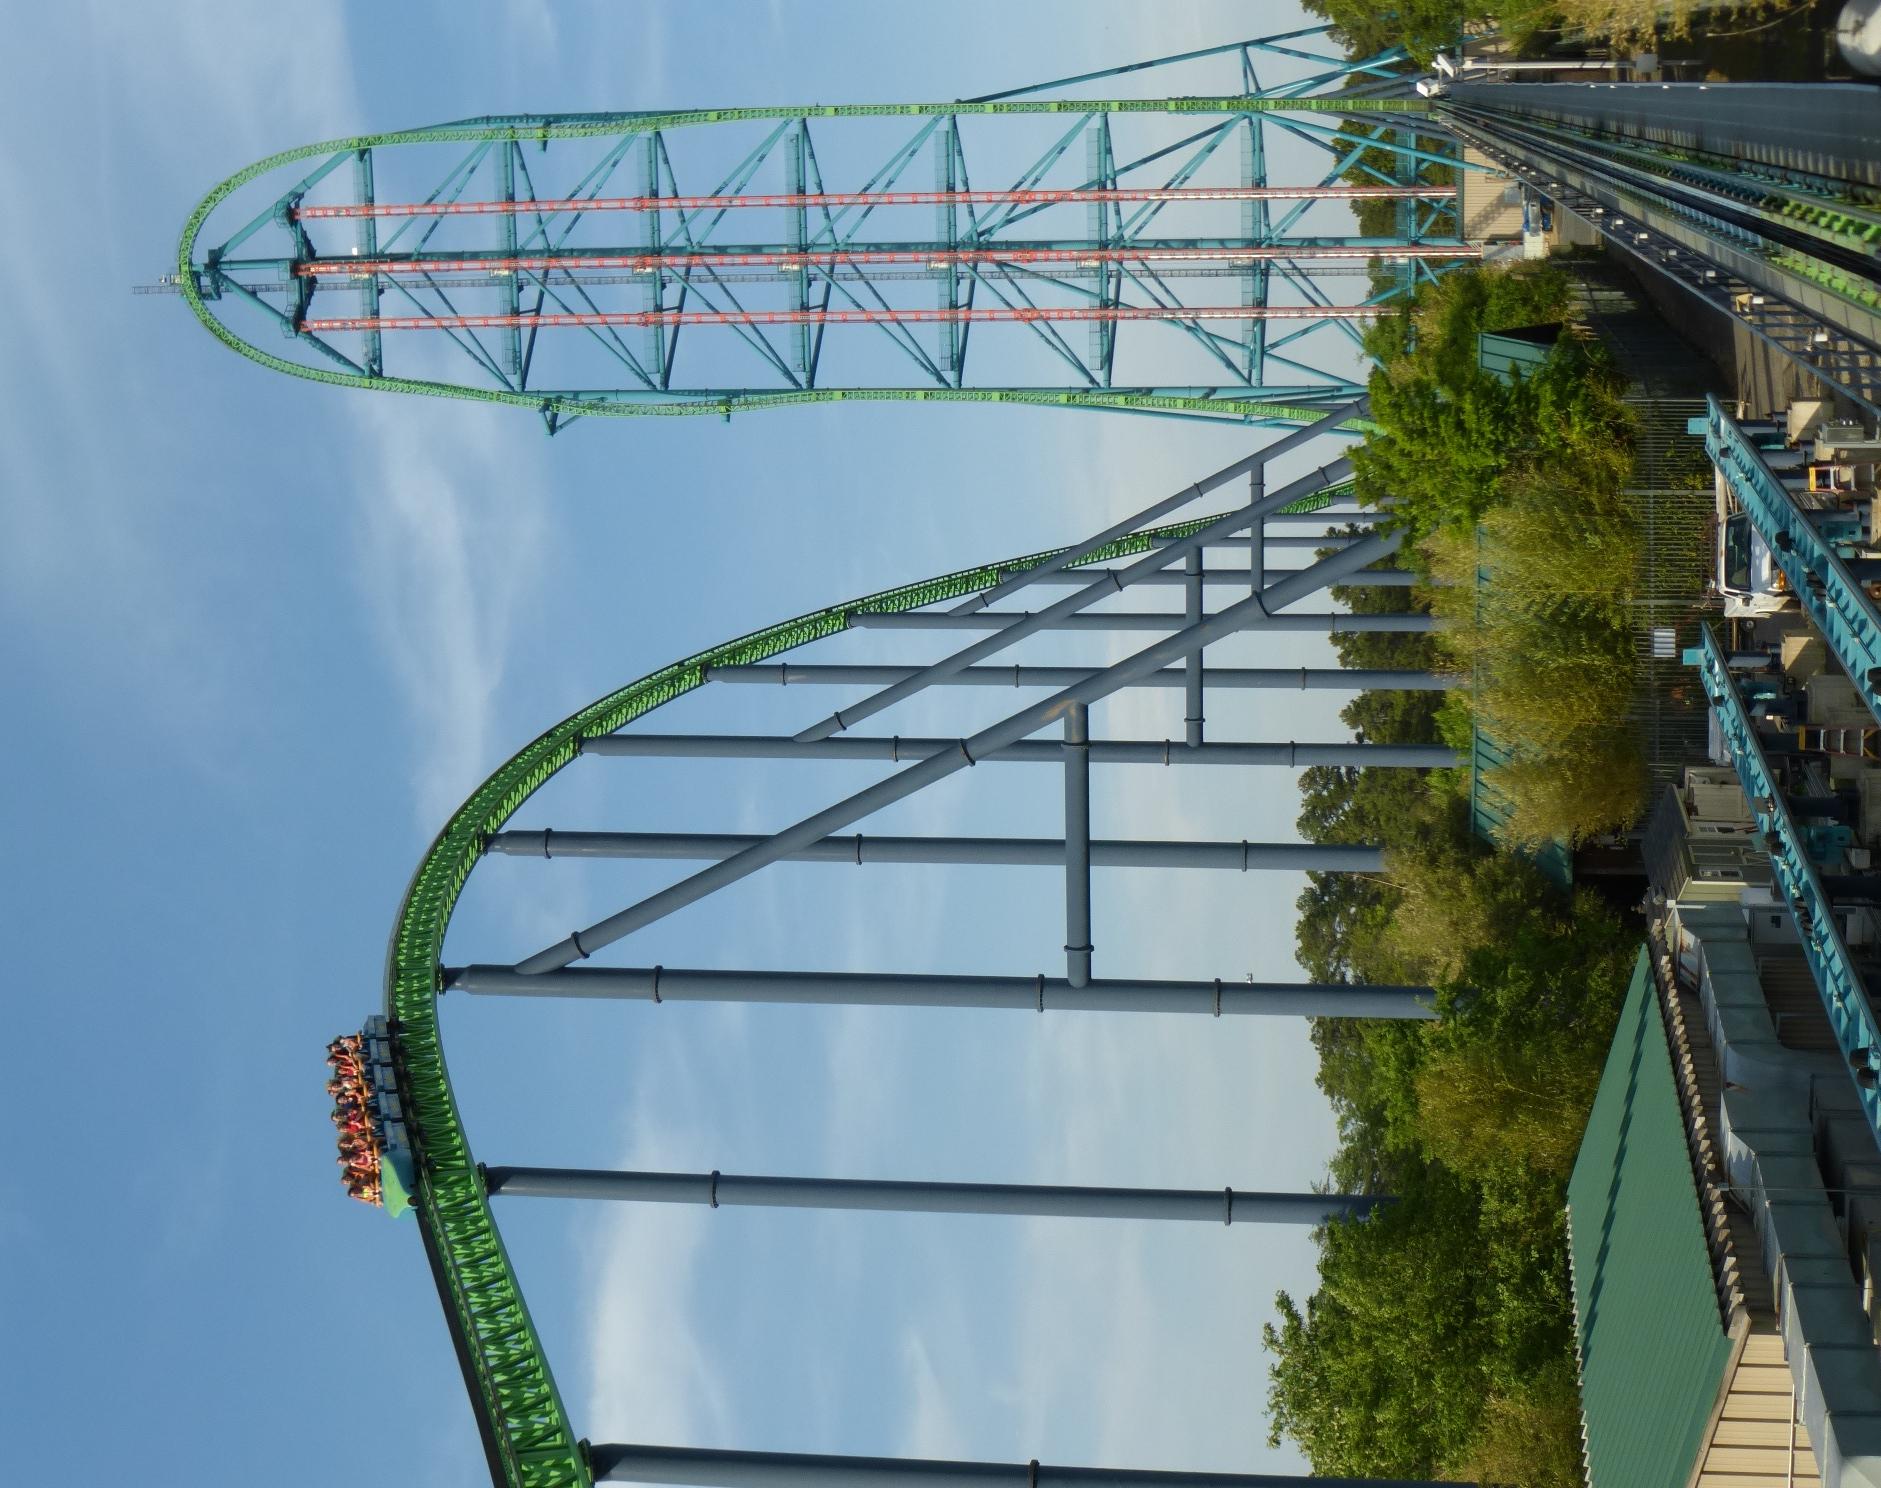 Profile America: Thrill Rides